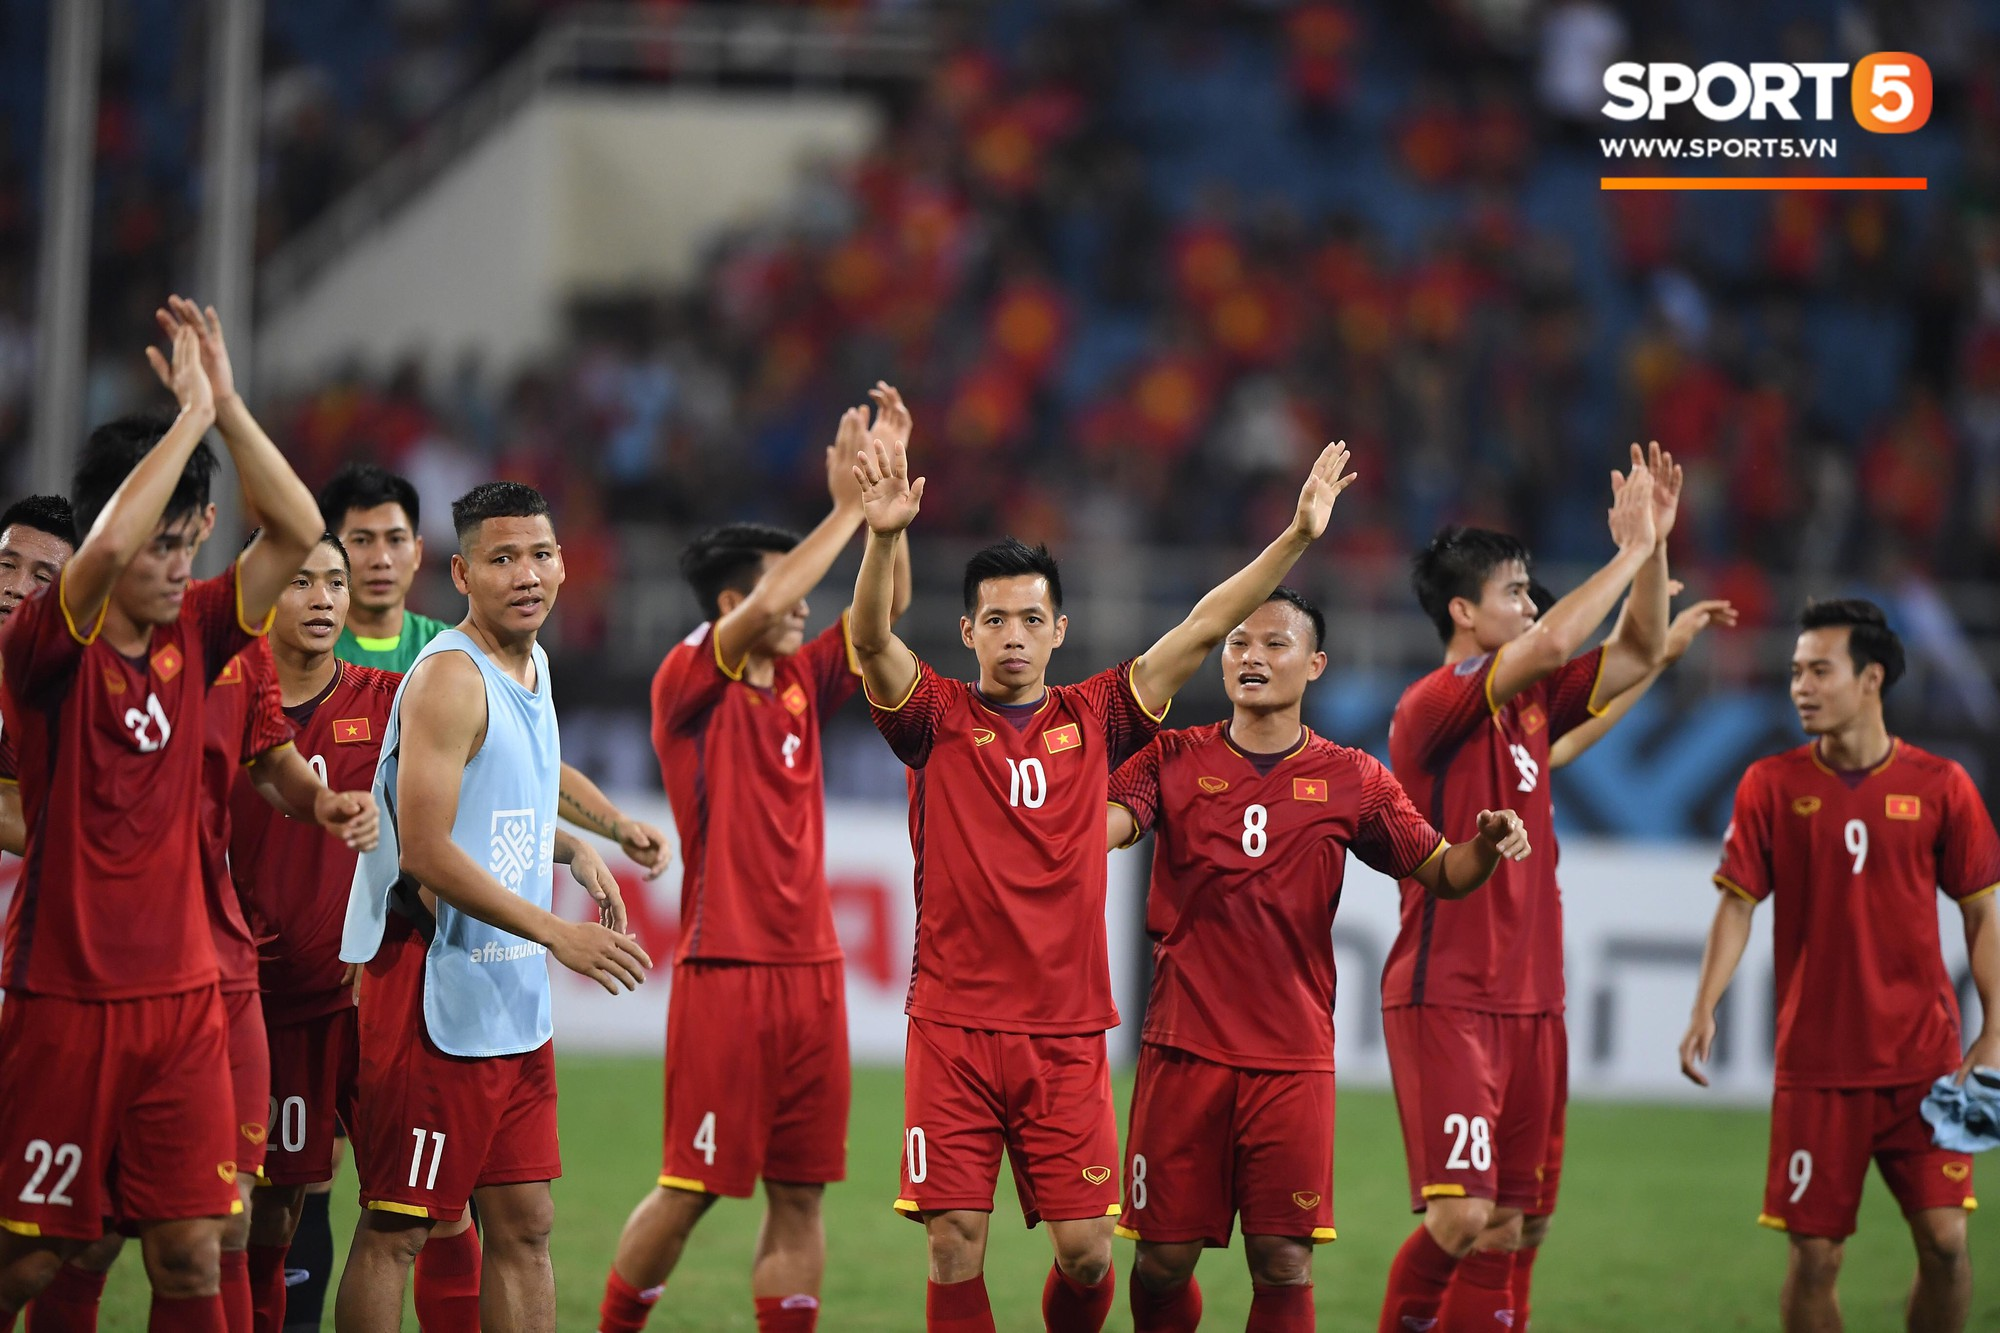 Thấy HLV Park Hang-seo đứng lặng một mình ở cabin sau chiến thắng trước Philippines, Quang Hải chạy tới ôm hôn, chia vui cùng thầy-7